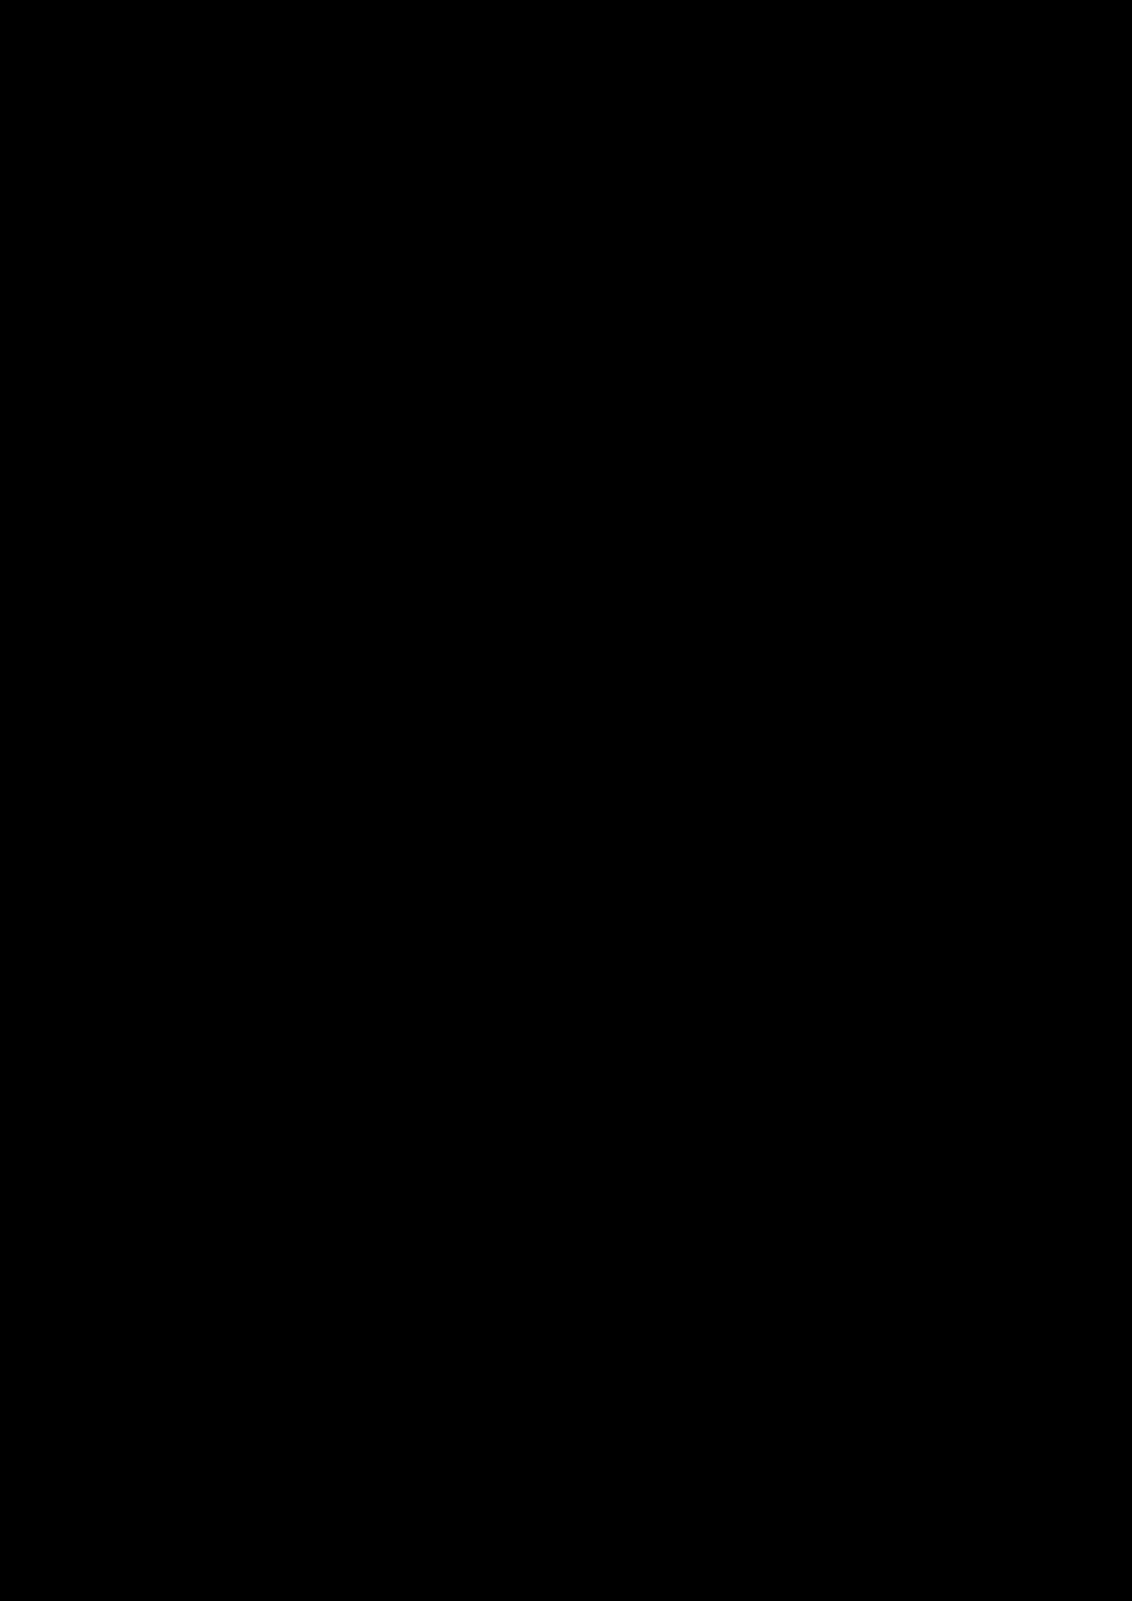 Zagadka volshebnoy stranyi slide, Image 63